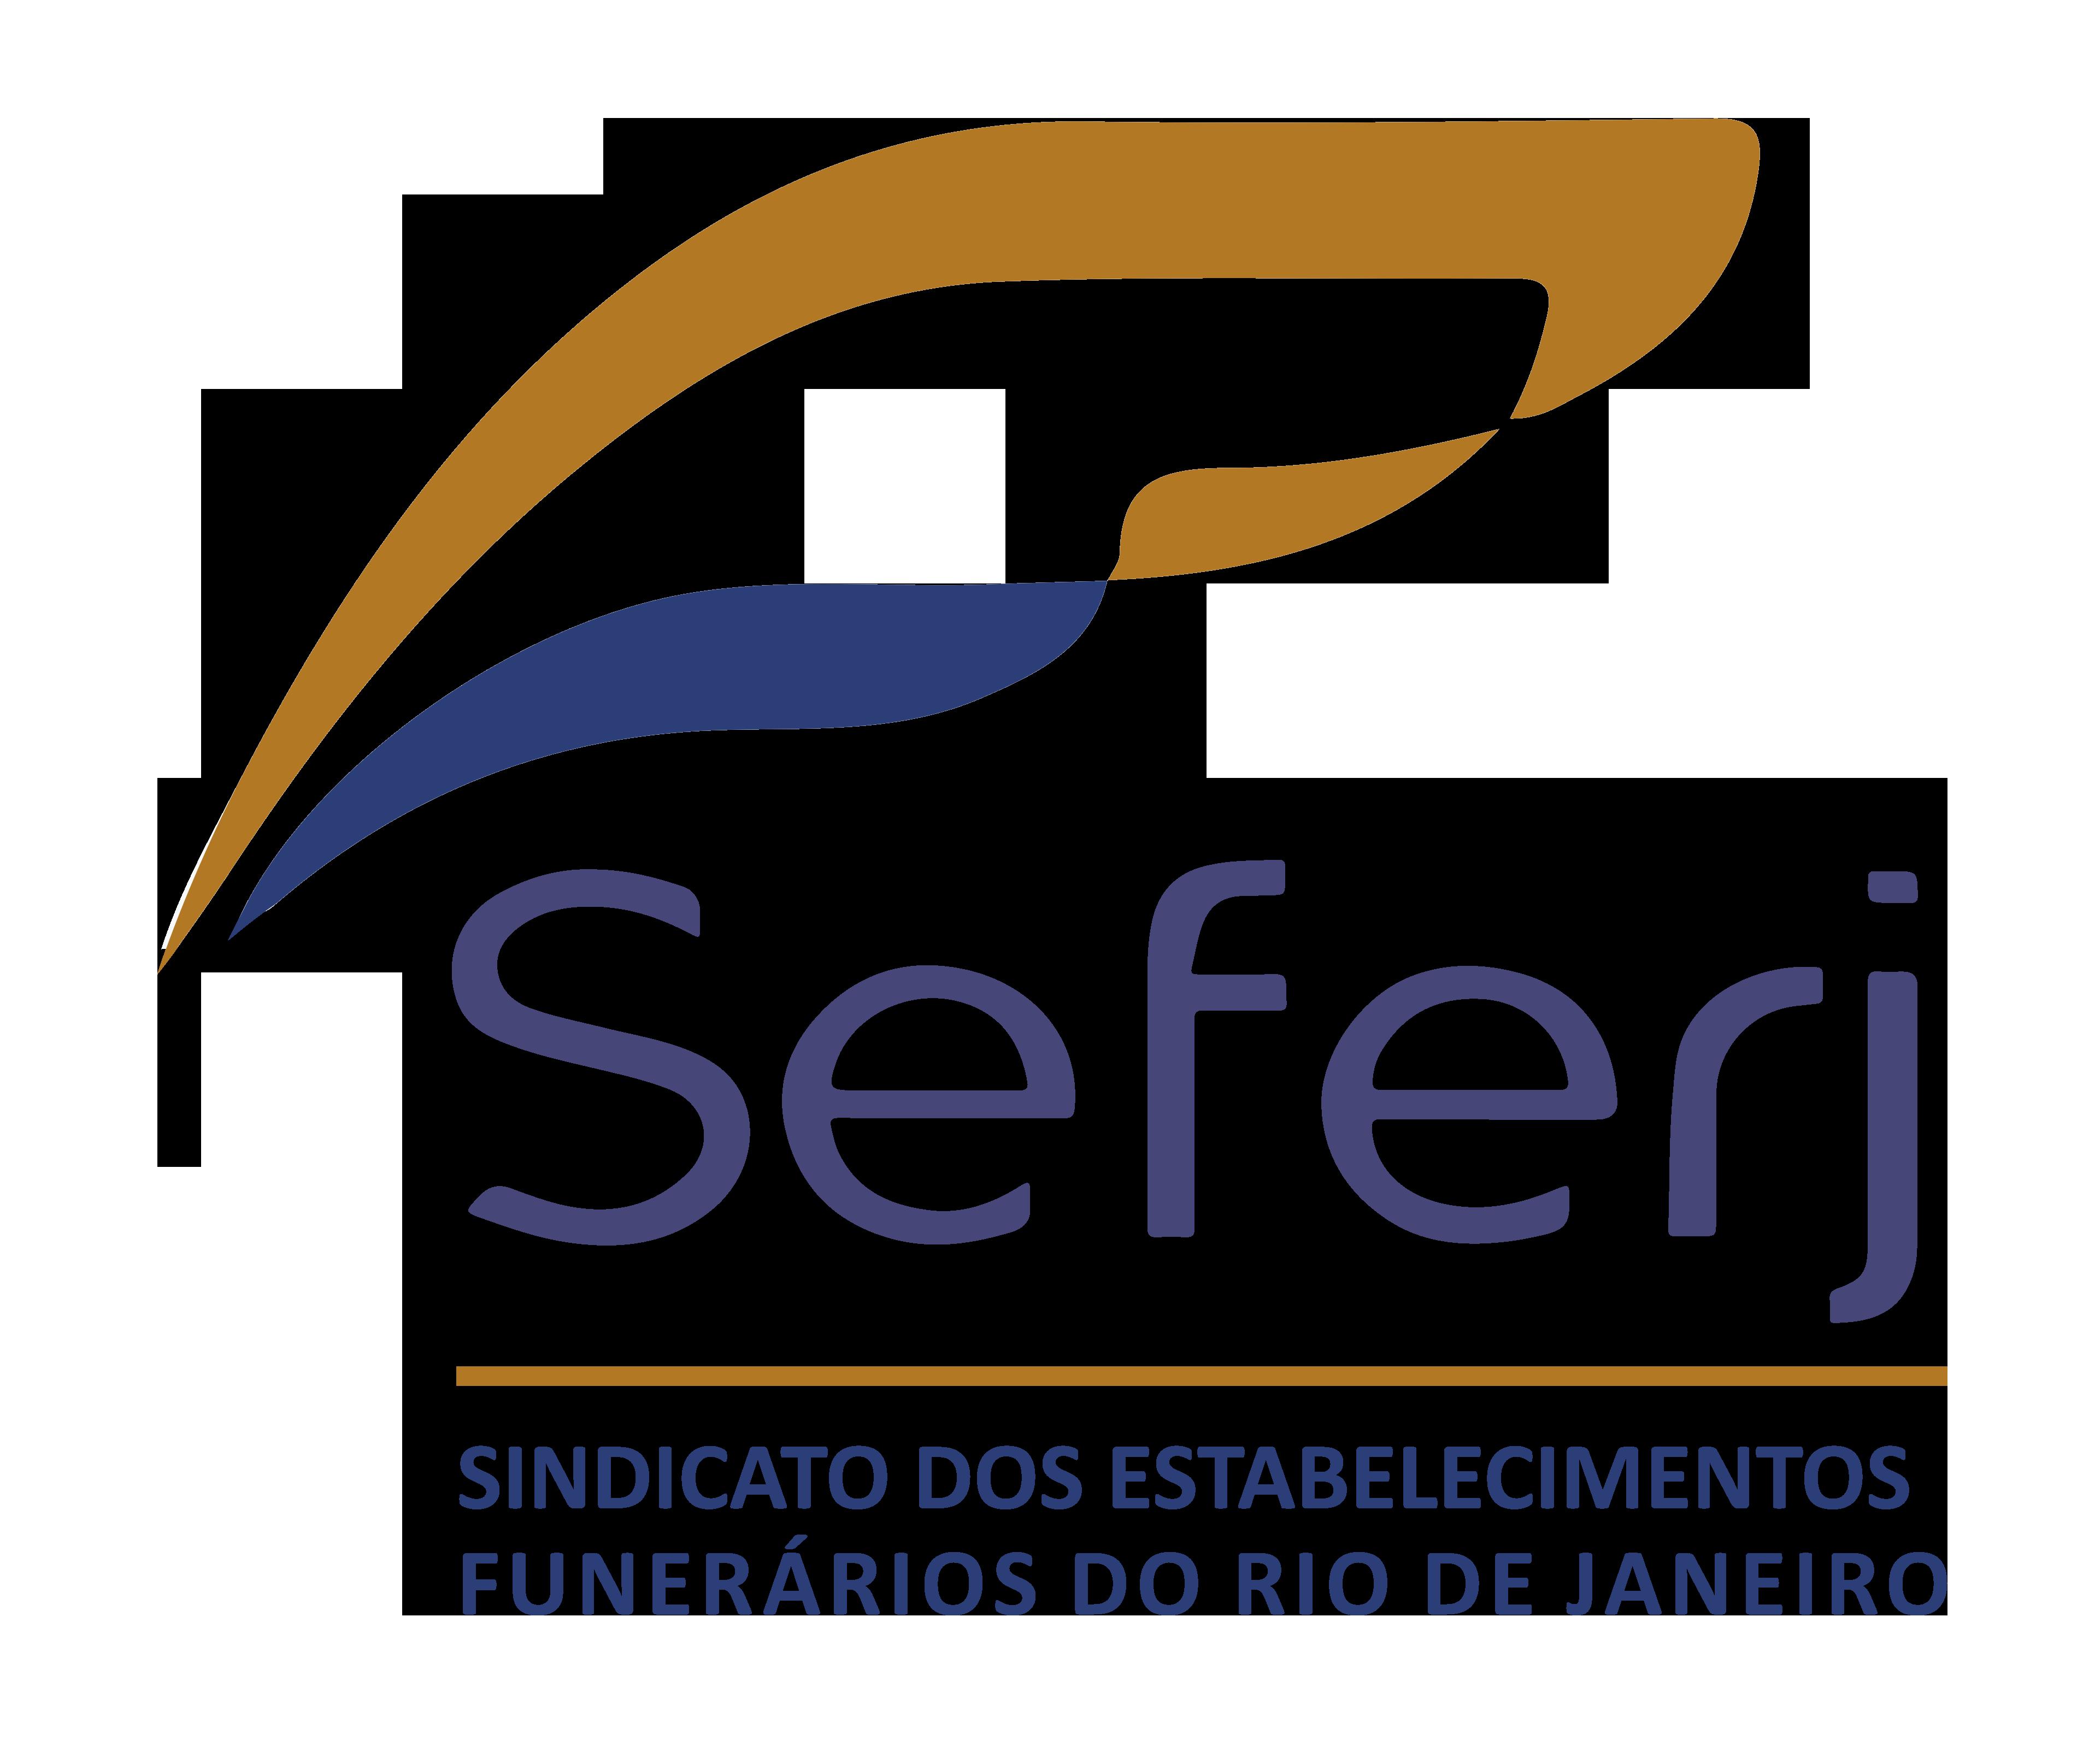 SEFERJ – Sindicato dos Estabelecimentos Funerários do Estado do Rio de Janeiro.